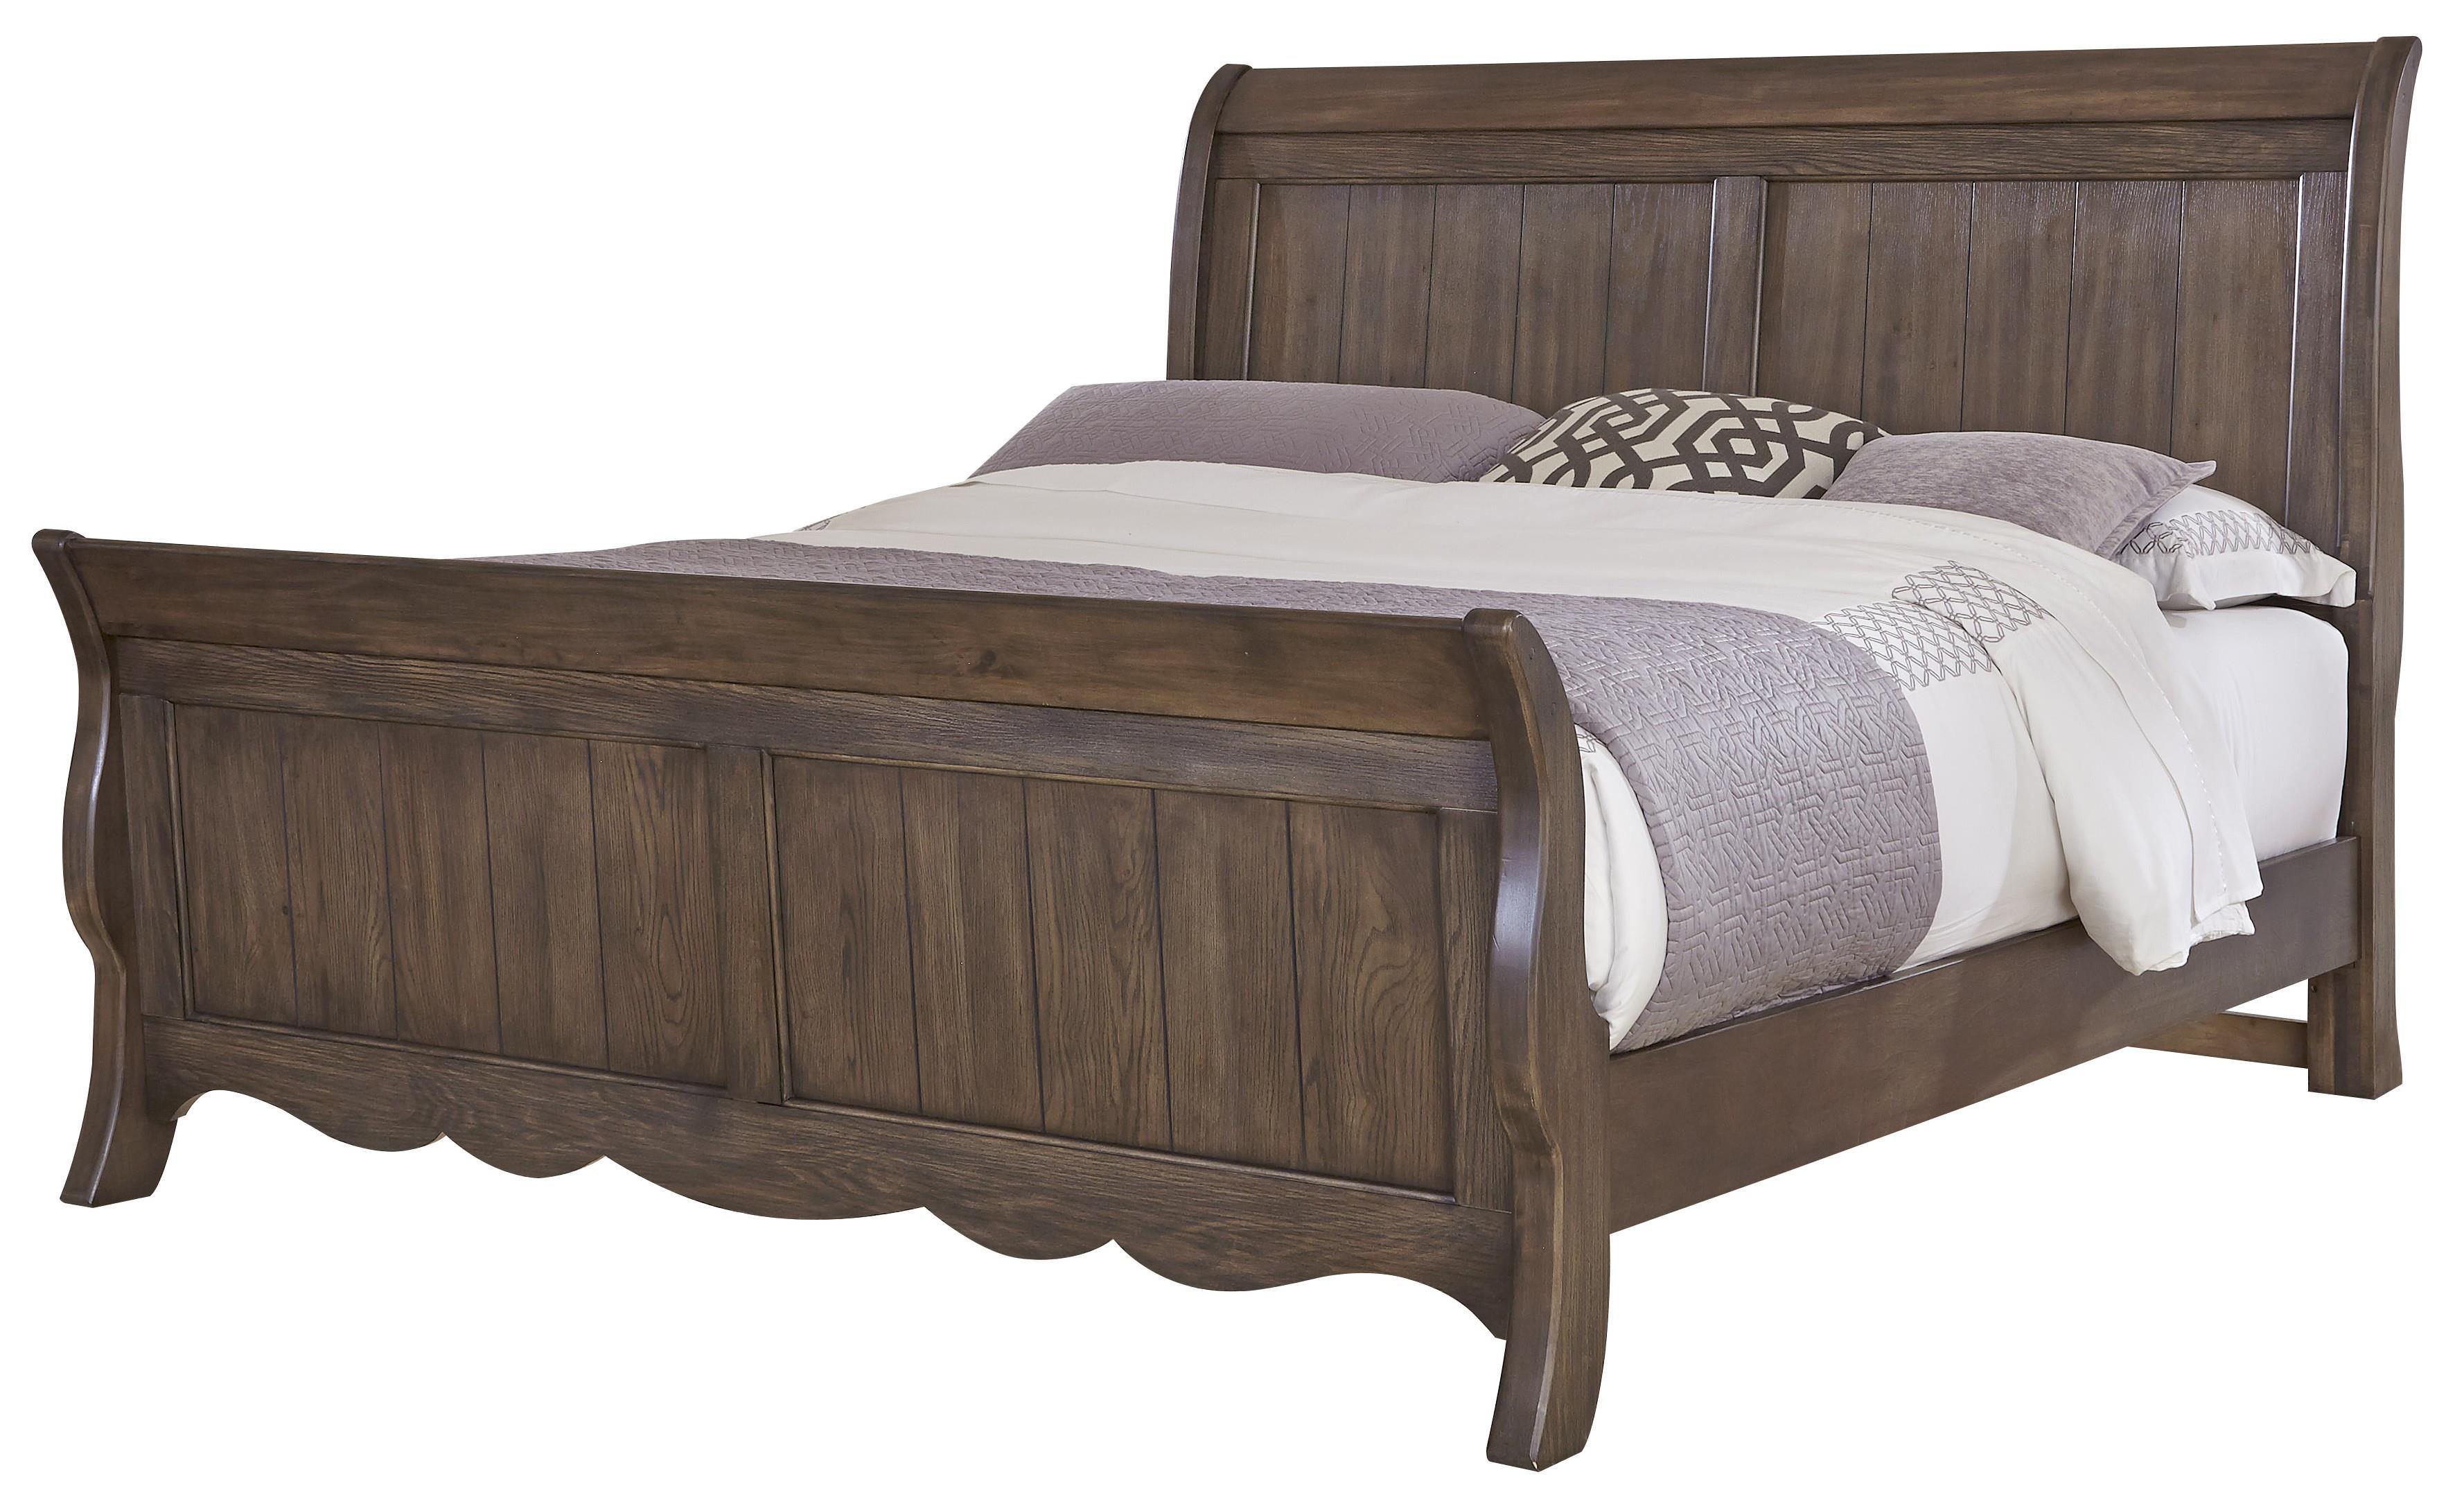 Vaughan Bassett Villa Sophia Queen Sleigh Bed - Item Number: 520-553+355+722